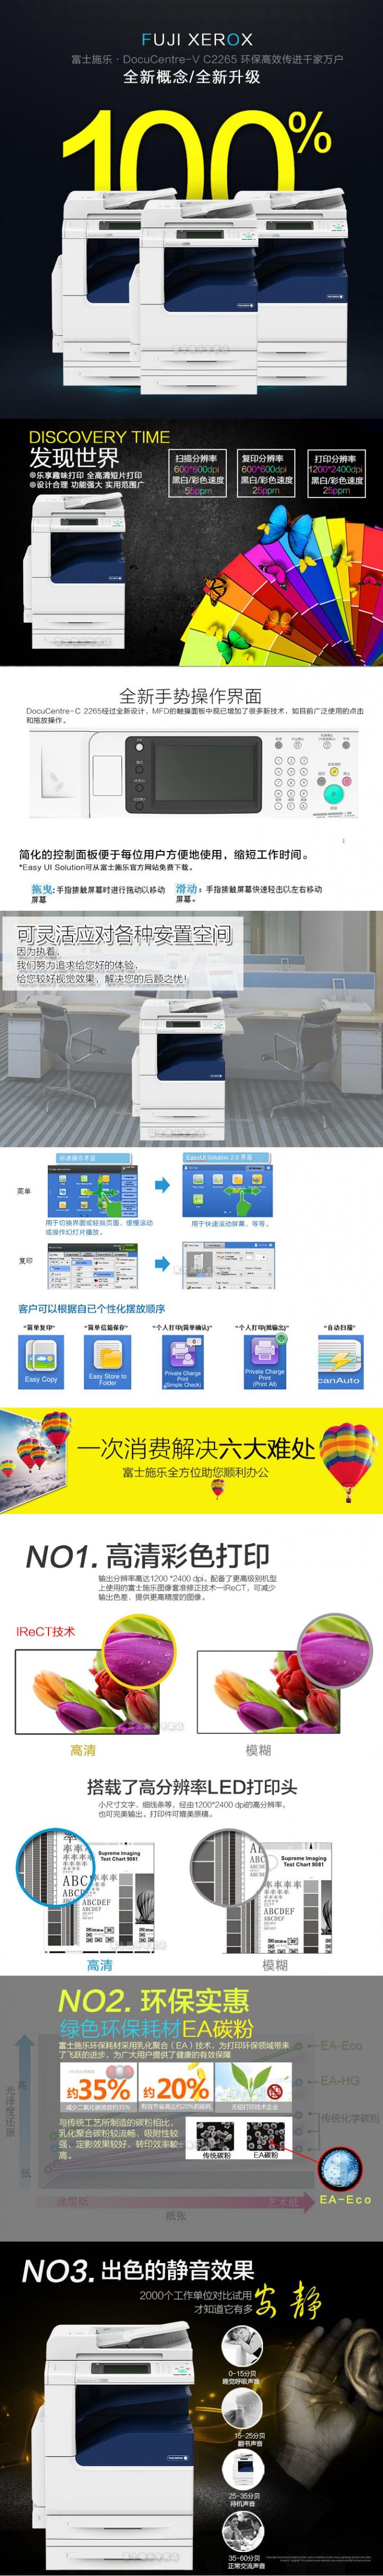 富士施乐 DC C2265 CPS 2Tray 彩色激光复合 多功能打印复印一体机1